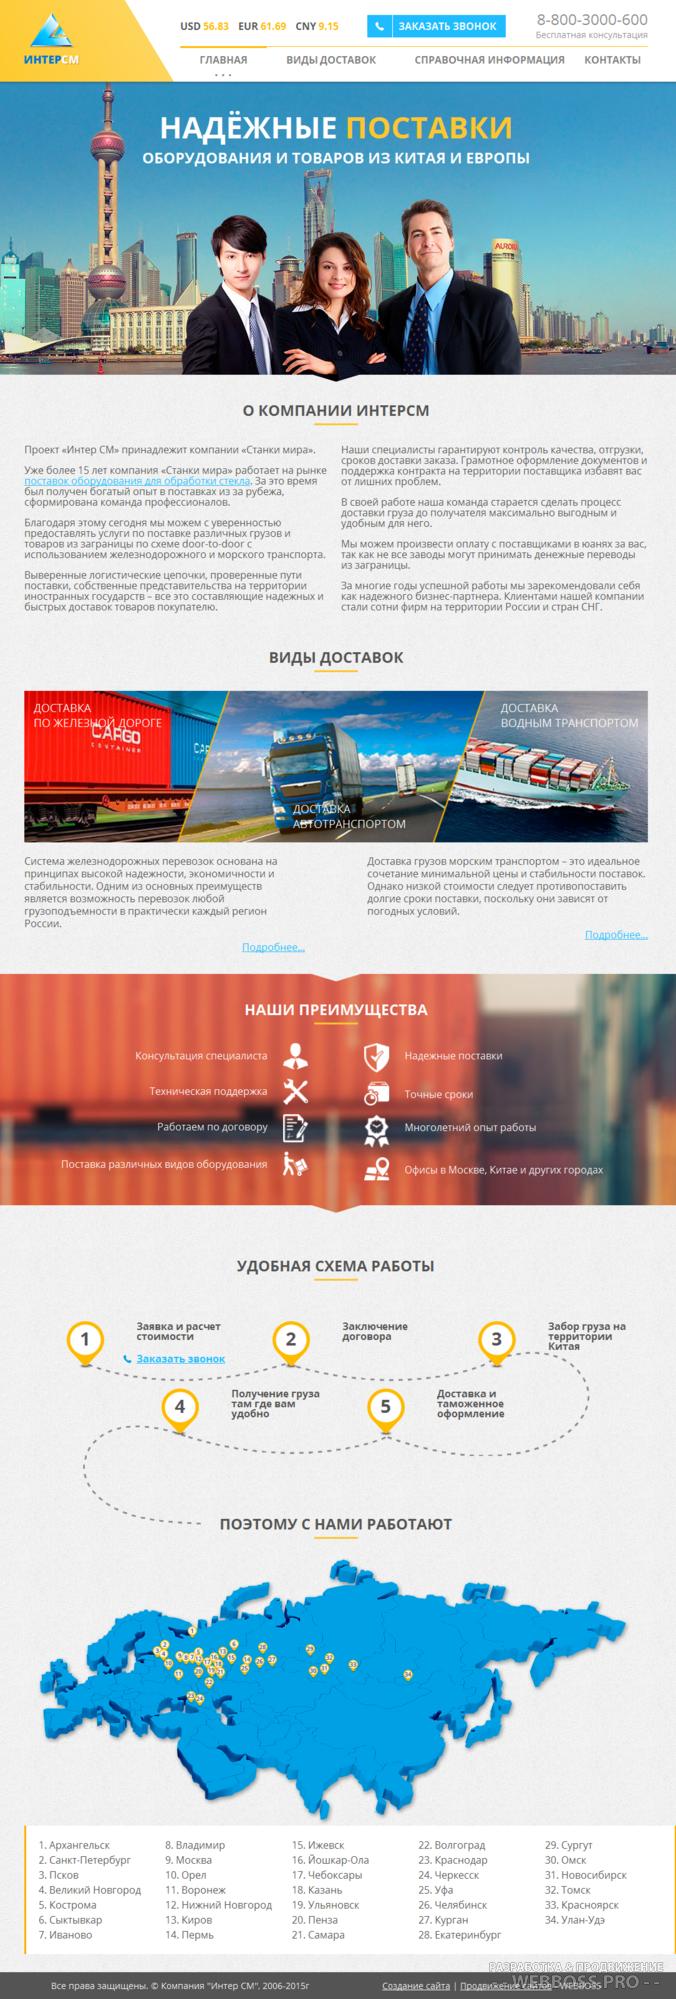 Создание сайта: Сайт по доставкам грузов (после)